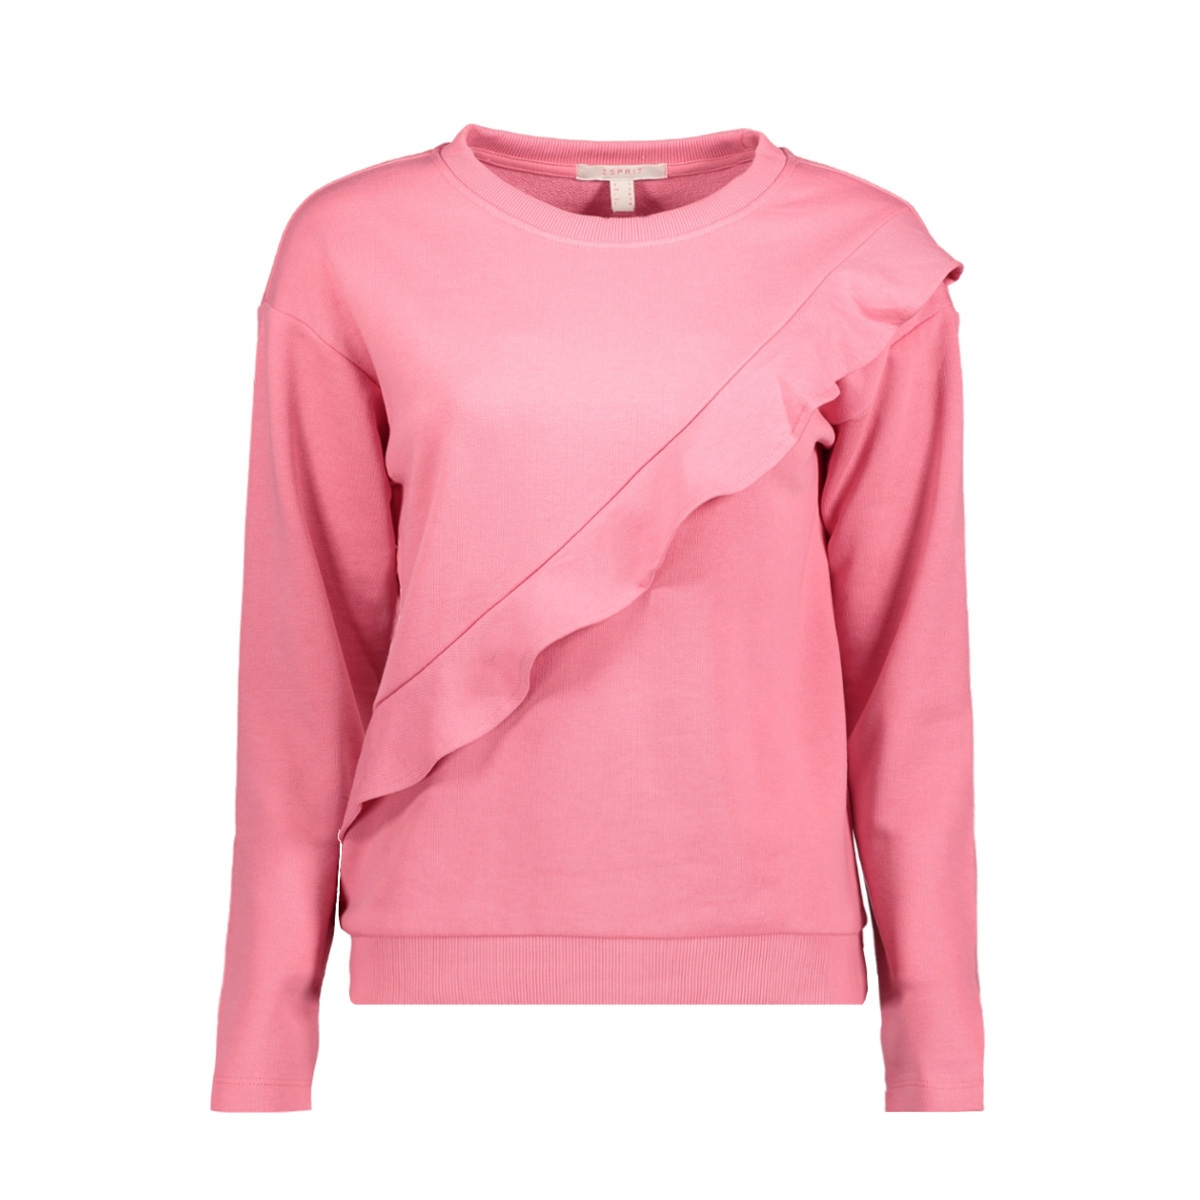 127ee1j003 esprit sweater e670